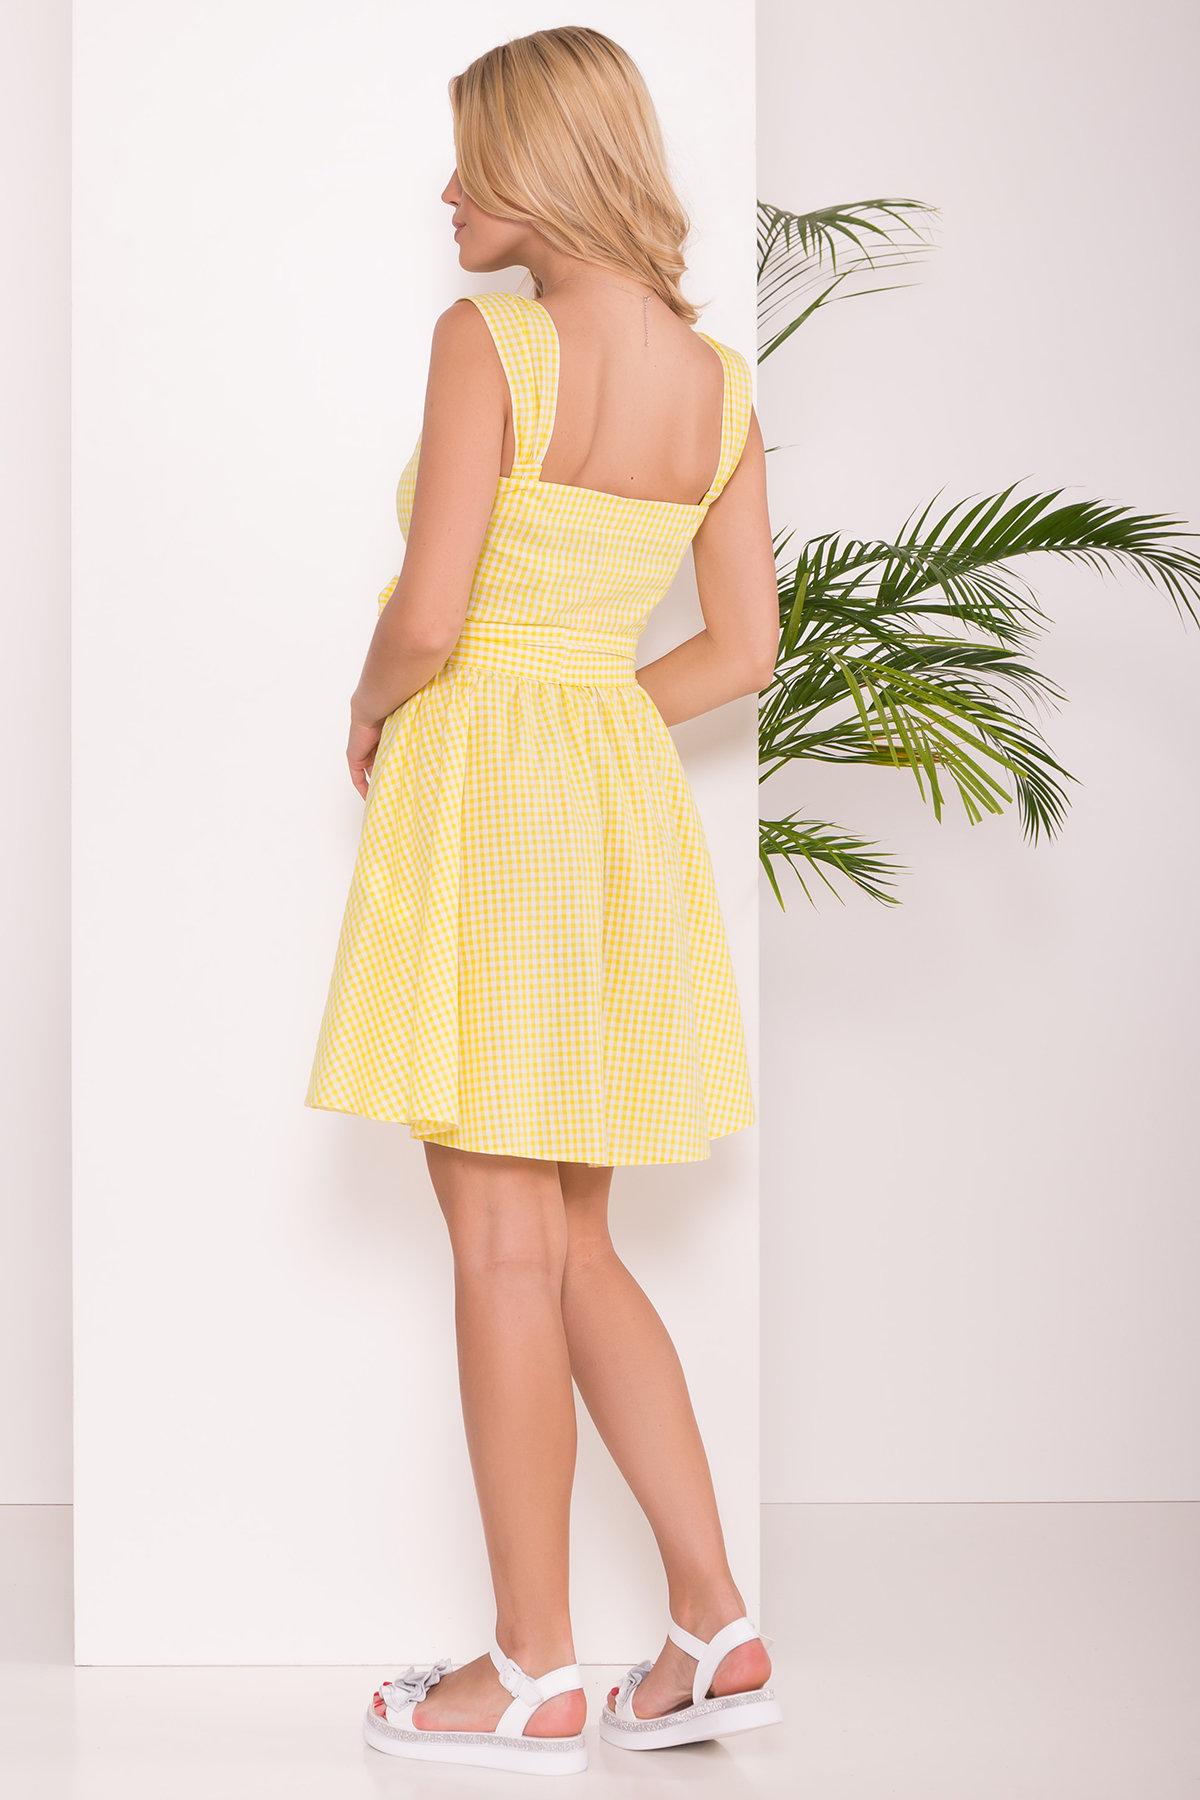 Платье Джонни 7584 АРТ. 43527 Цвет: Клетка мел жел/бел - фото 2, интернет магазин tm-modus.ru